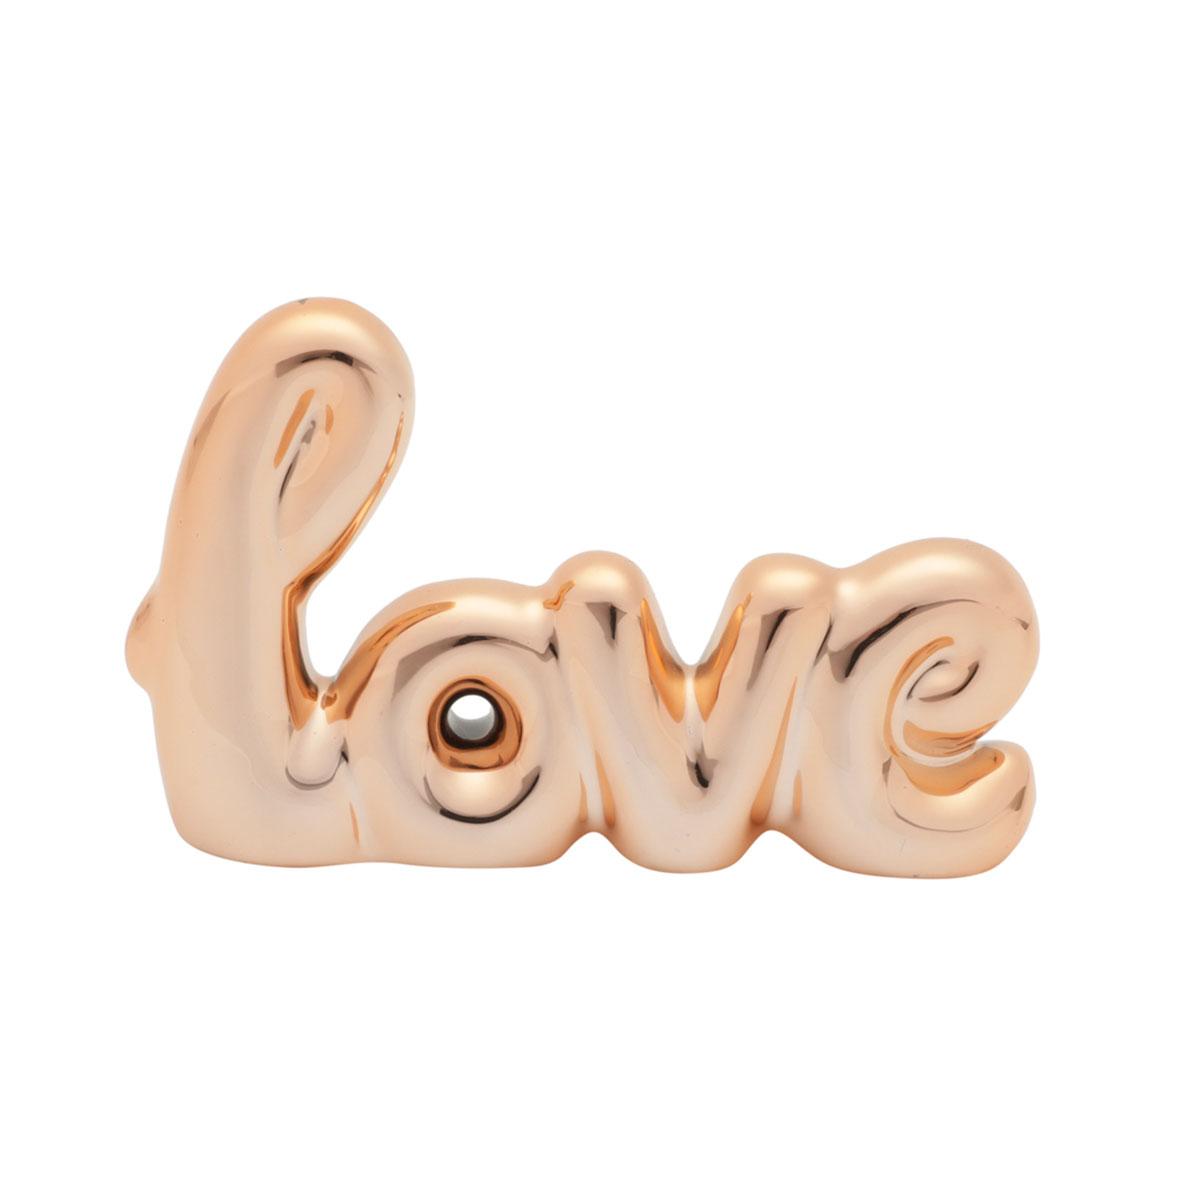 Letras Decorativas em Cerâmica Love Amor Cobre